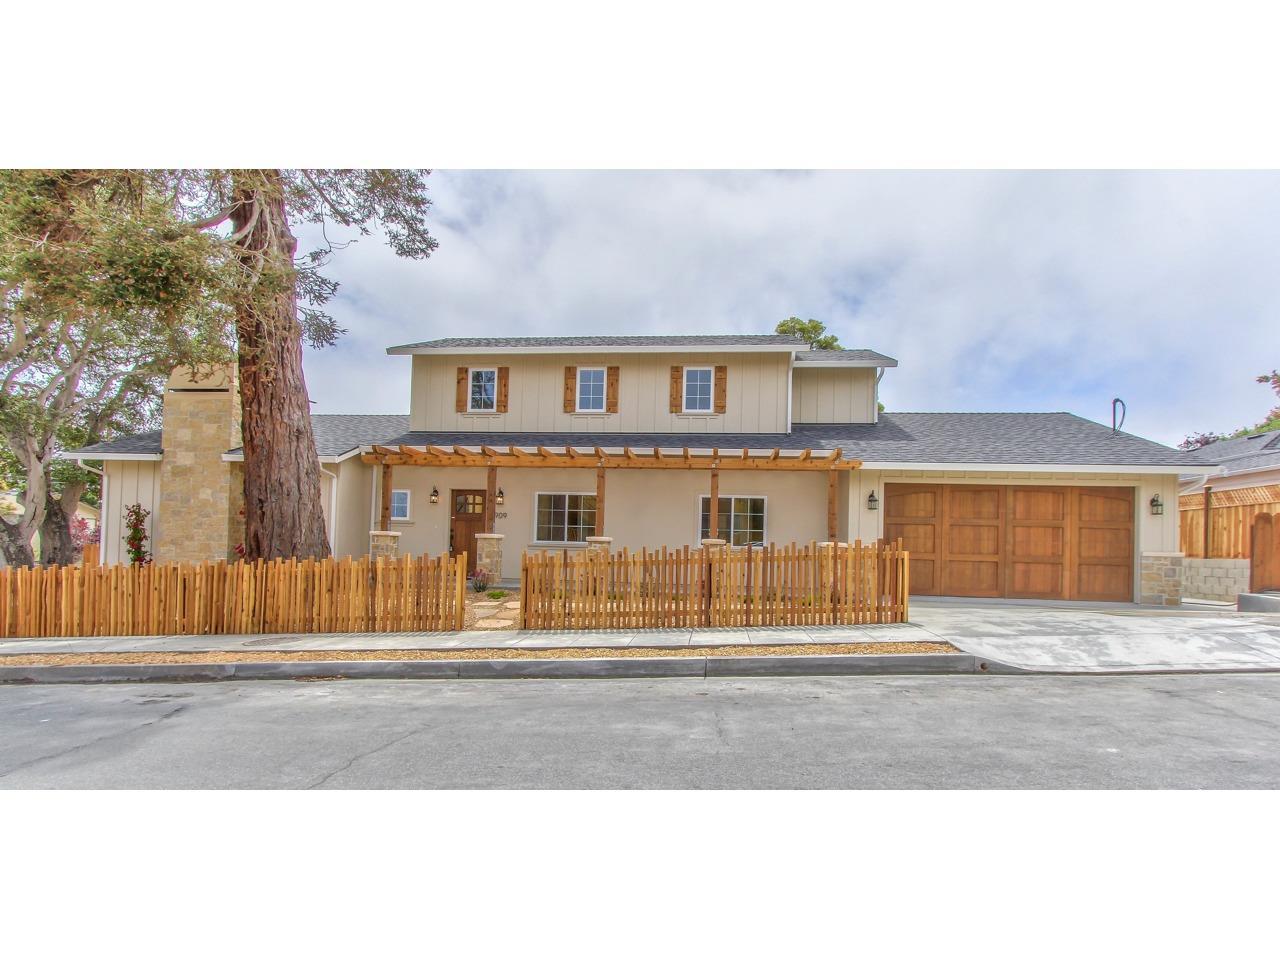 Photo of 909 Wainwright ST, MONTEREY, CA 93940